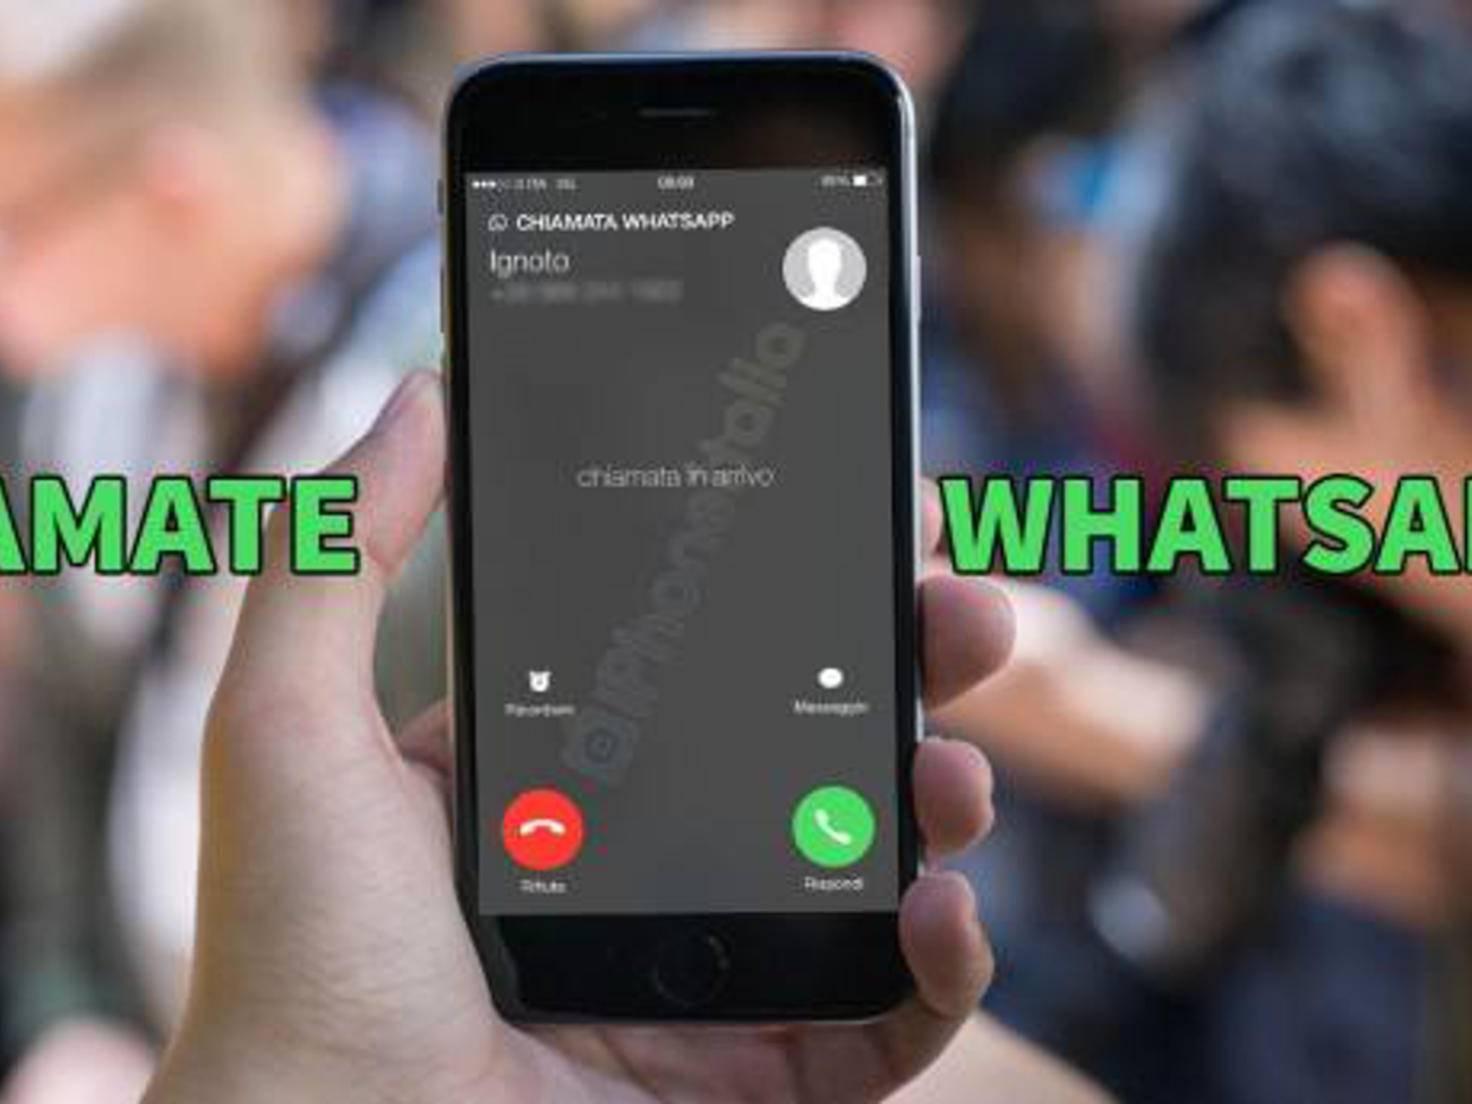 WhatsApp-Telefonie auf dem iPhone